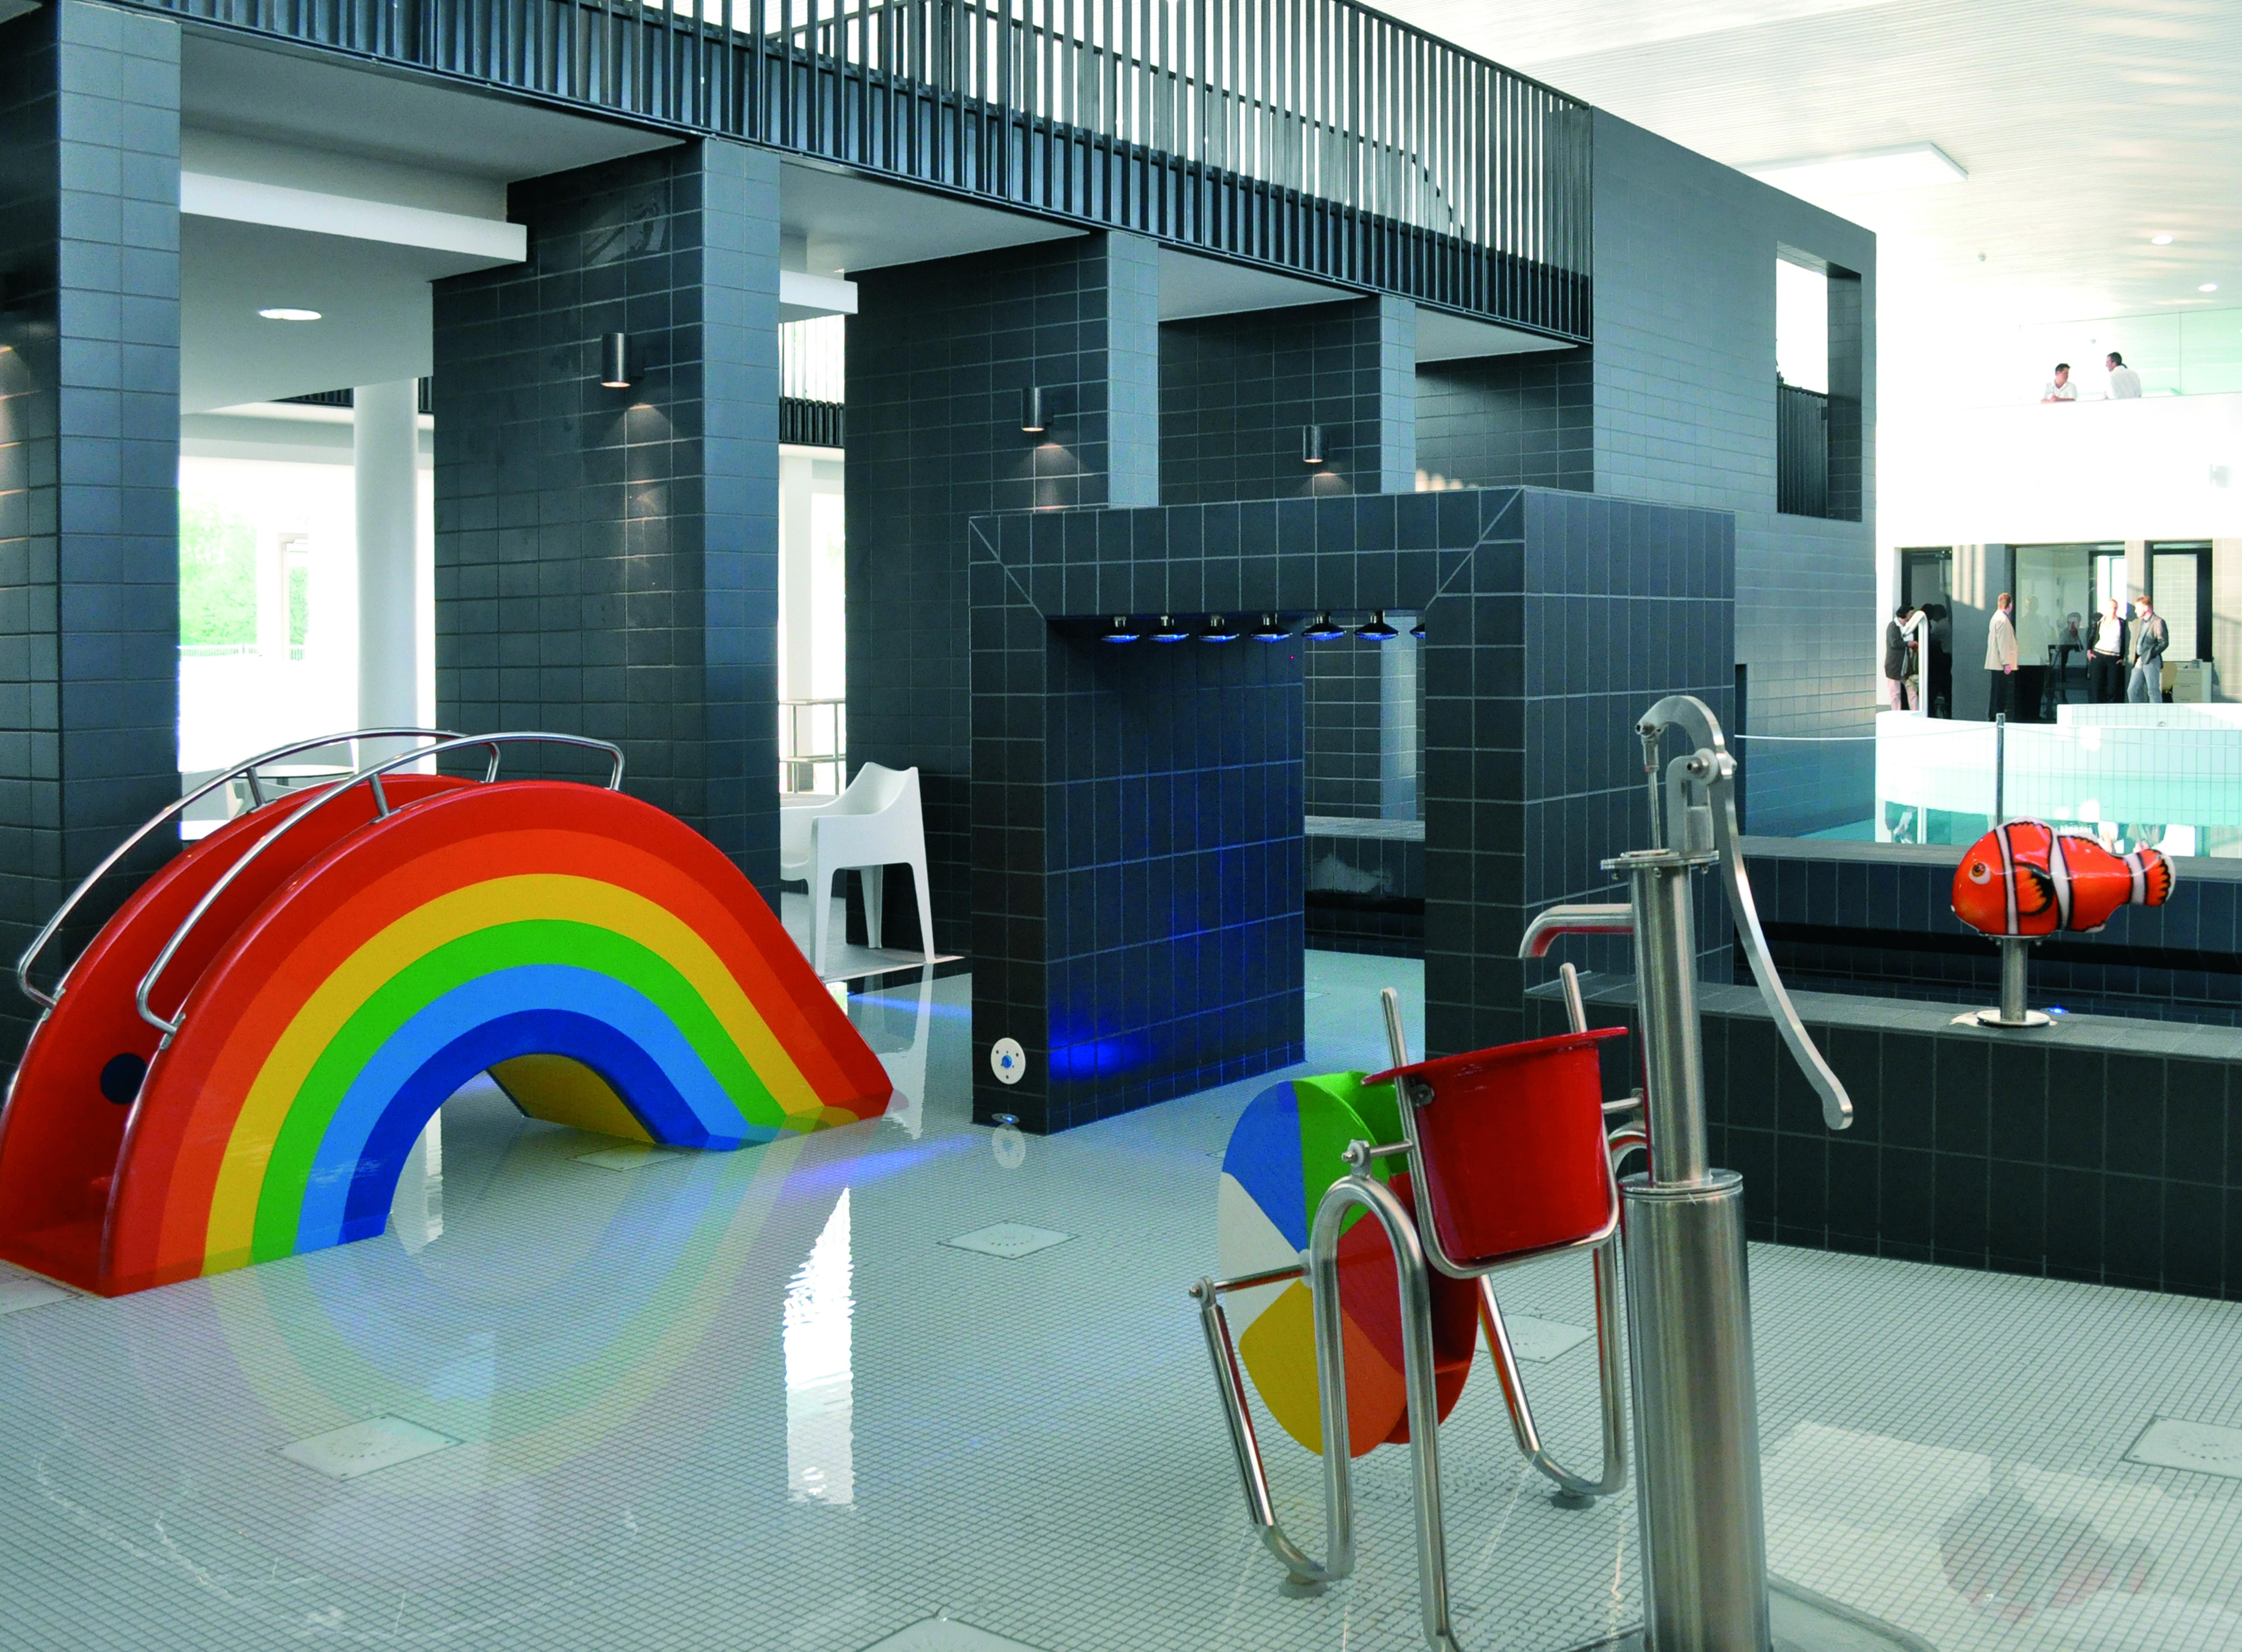 Kinderbecken im Sport- und Freizeitbad Allerwelle Gifhorn